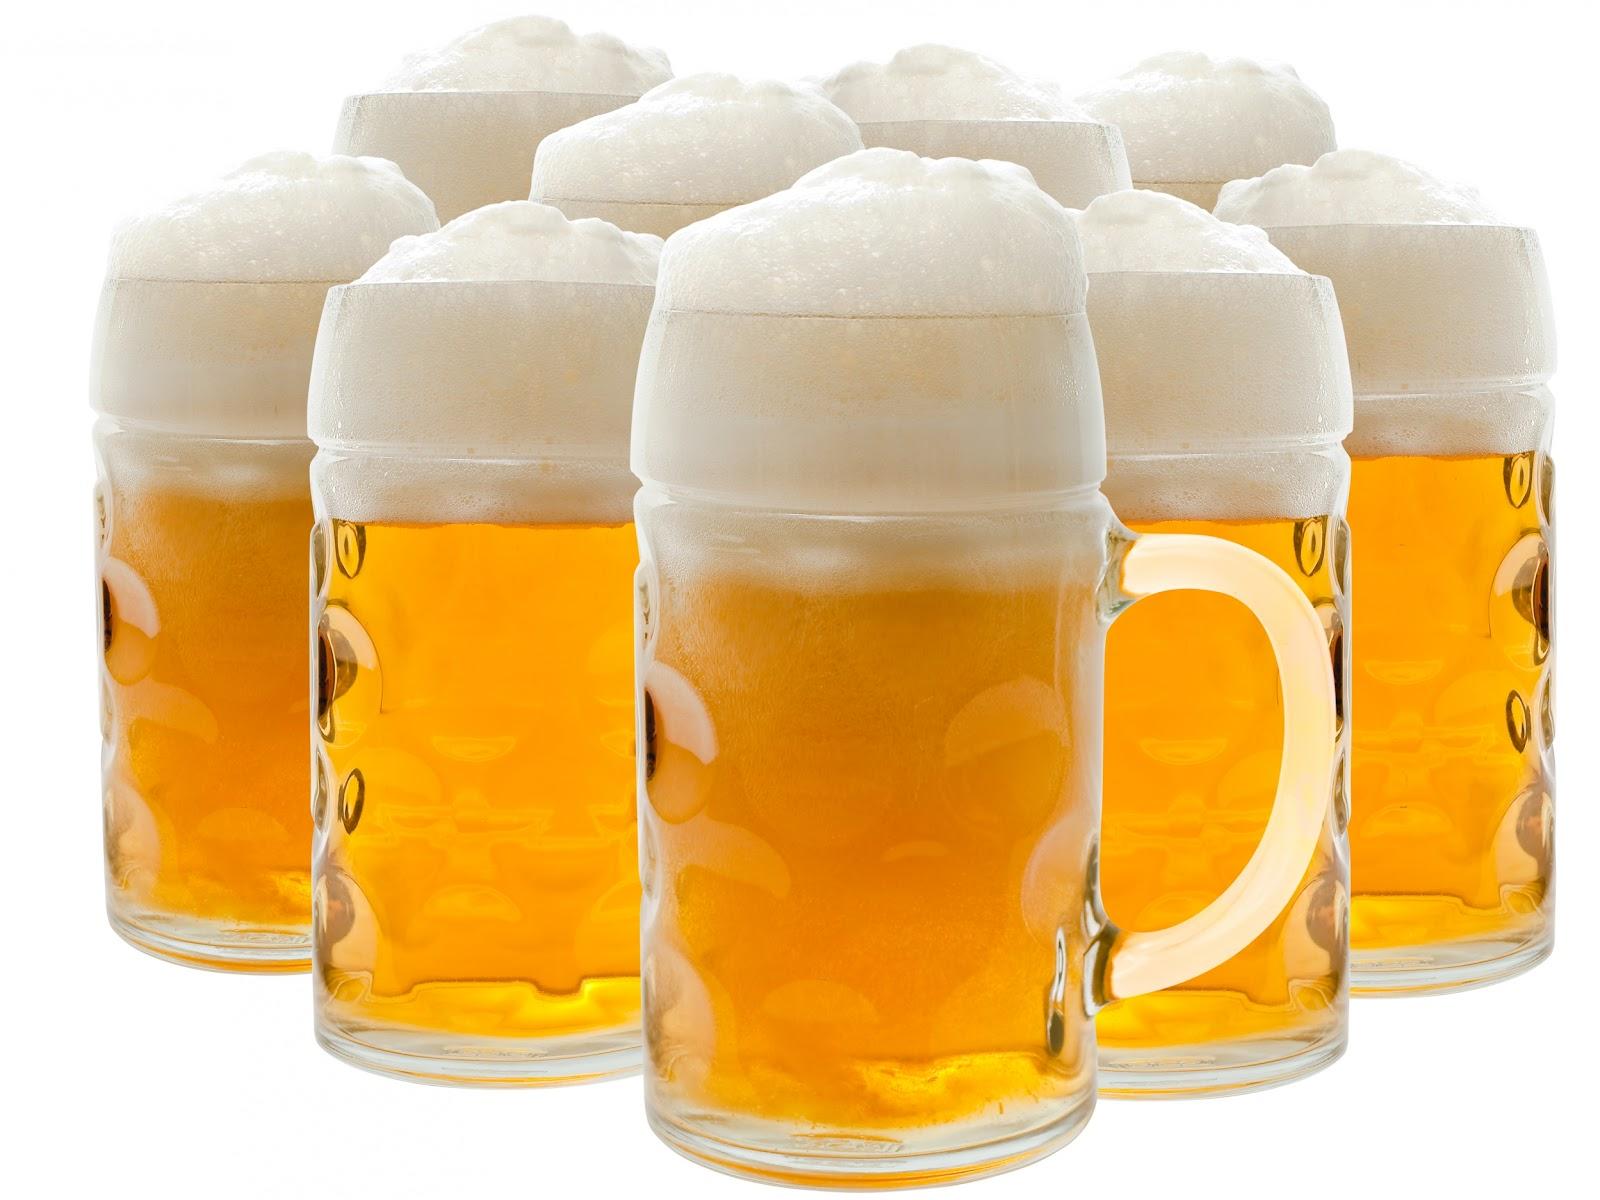 http://4.bp.blogspot.com/-t3Vrq0YwD3g/UBkuhdQQ7DI/AAAAAAAAF64/rSi__zA9k18/s1600/Beer_Wallpaper+%2850%29.jpg